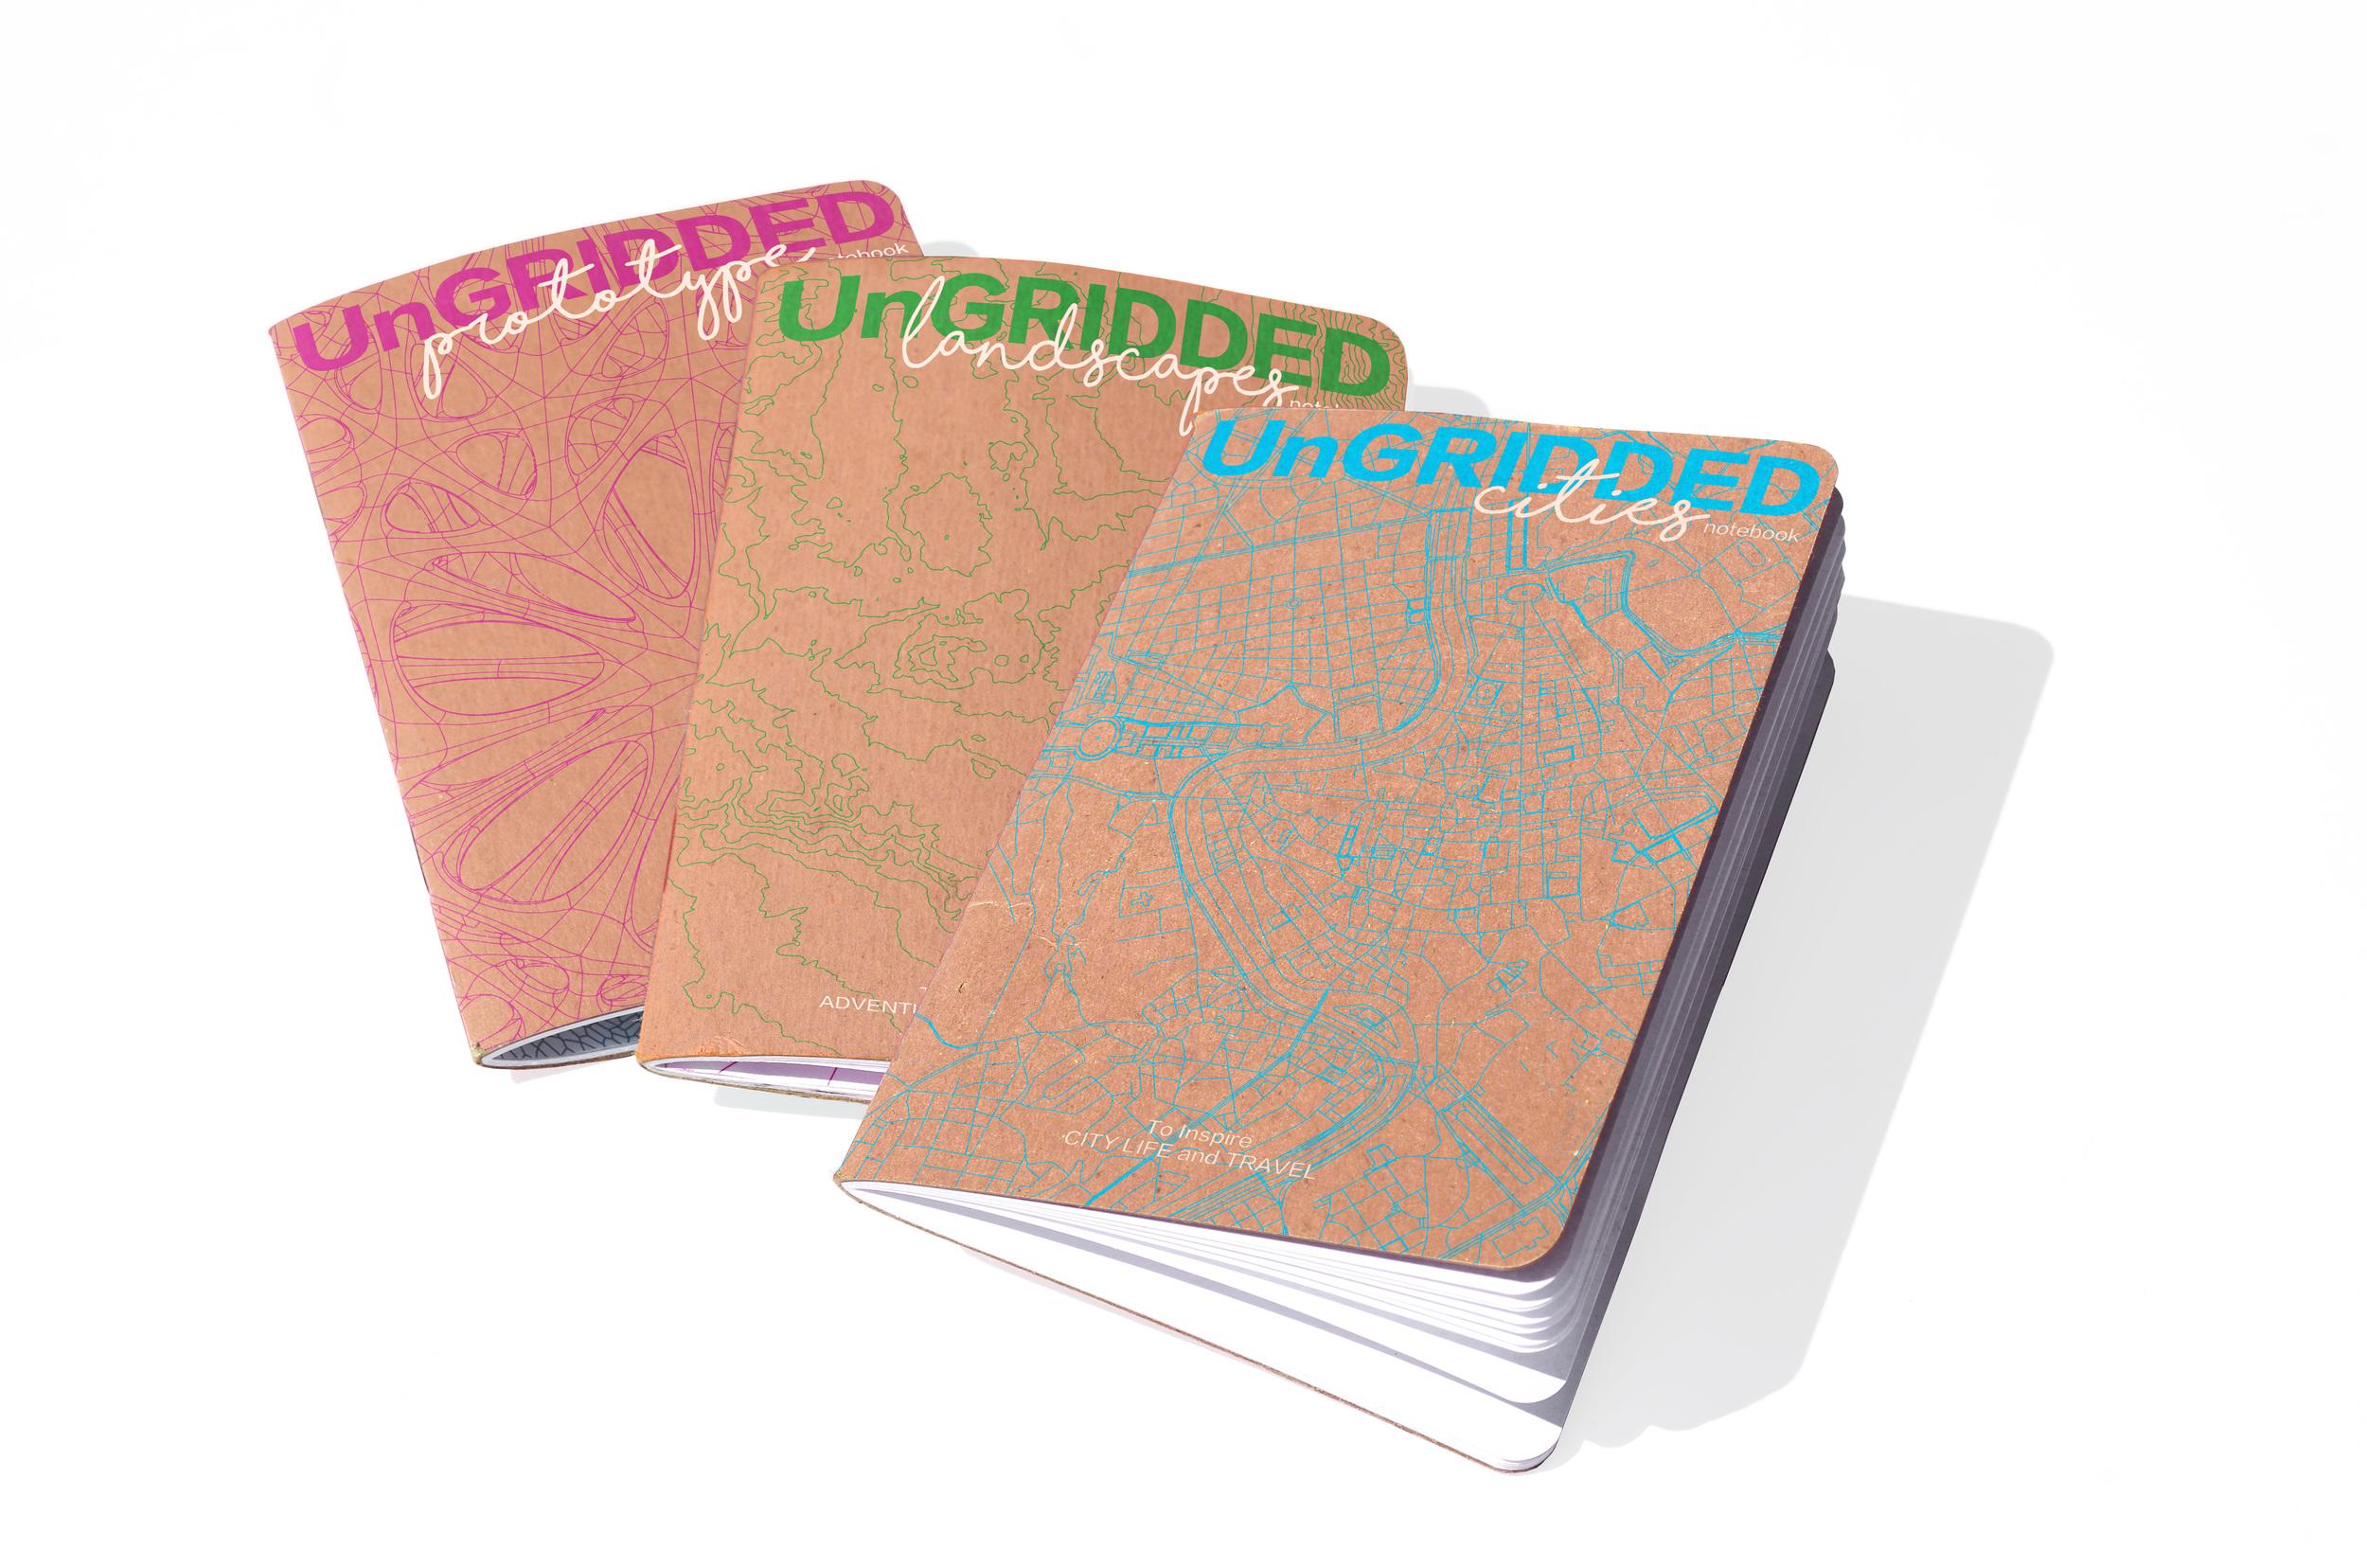 UnGRIDDEDnotebookSeries1.jpg